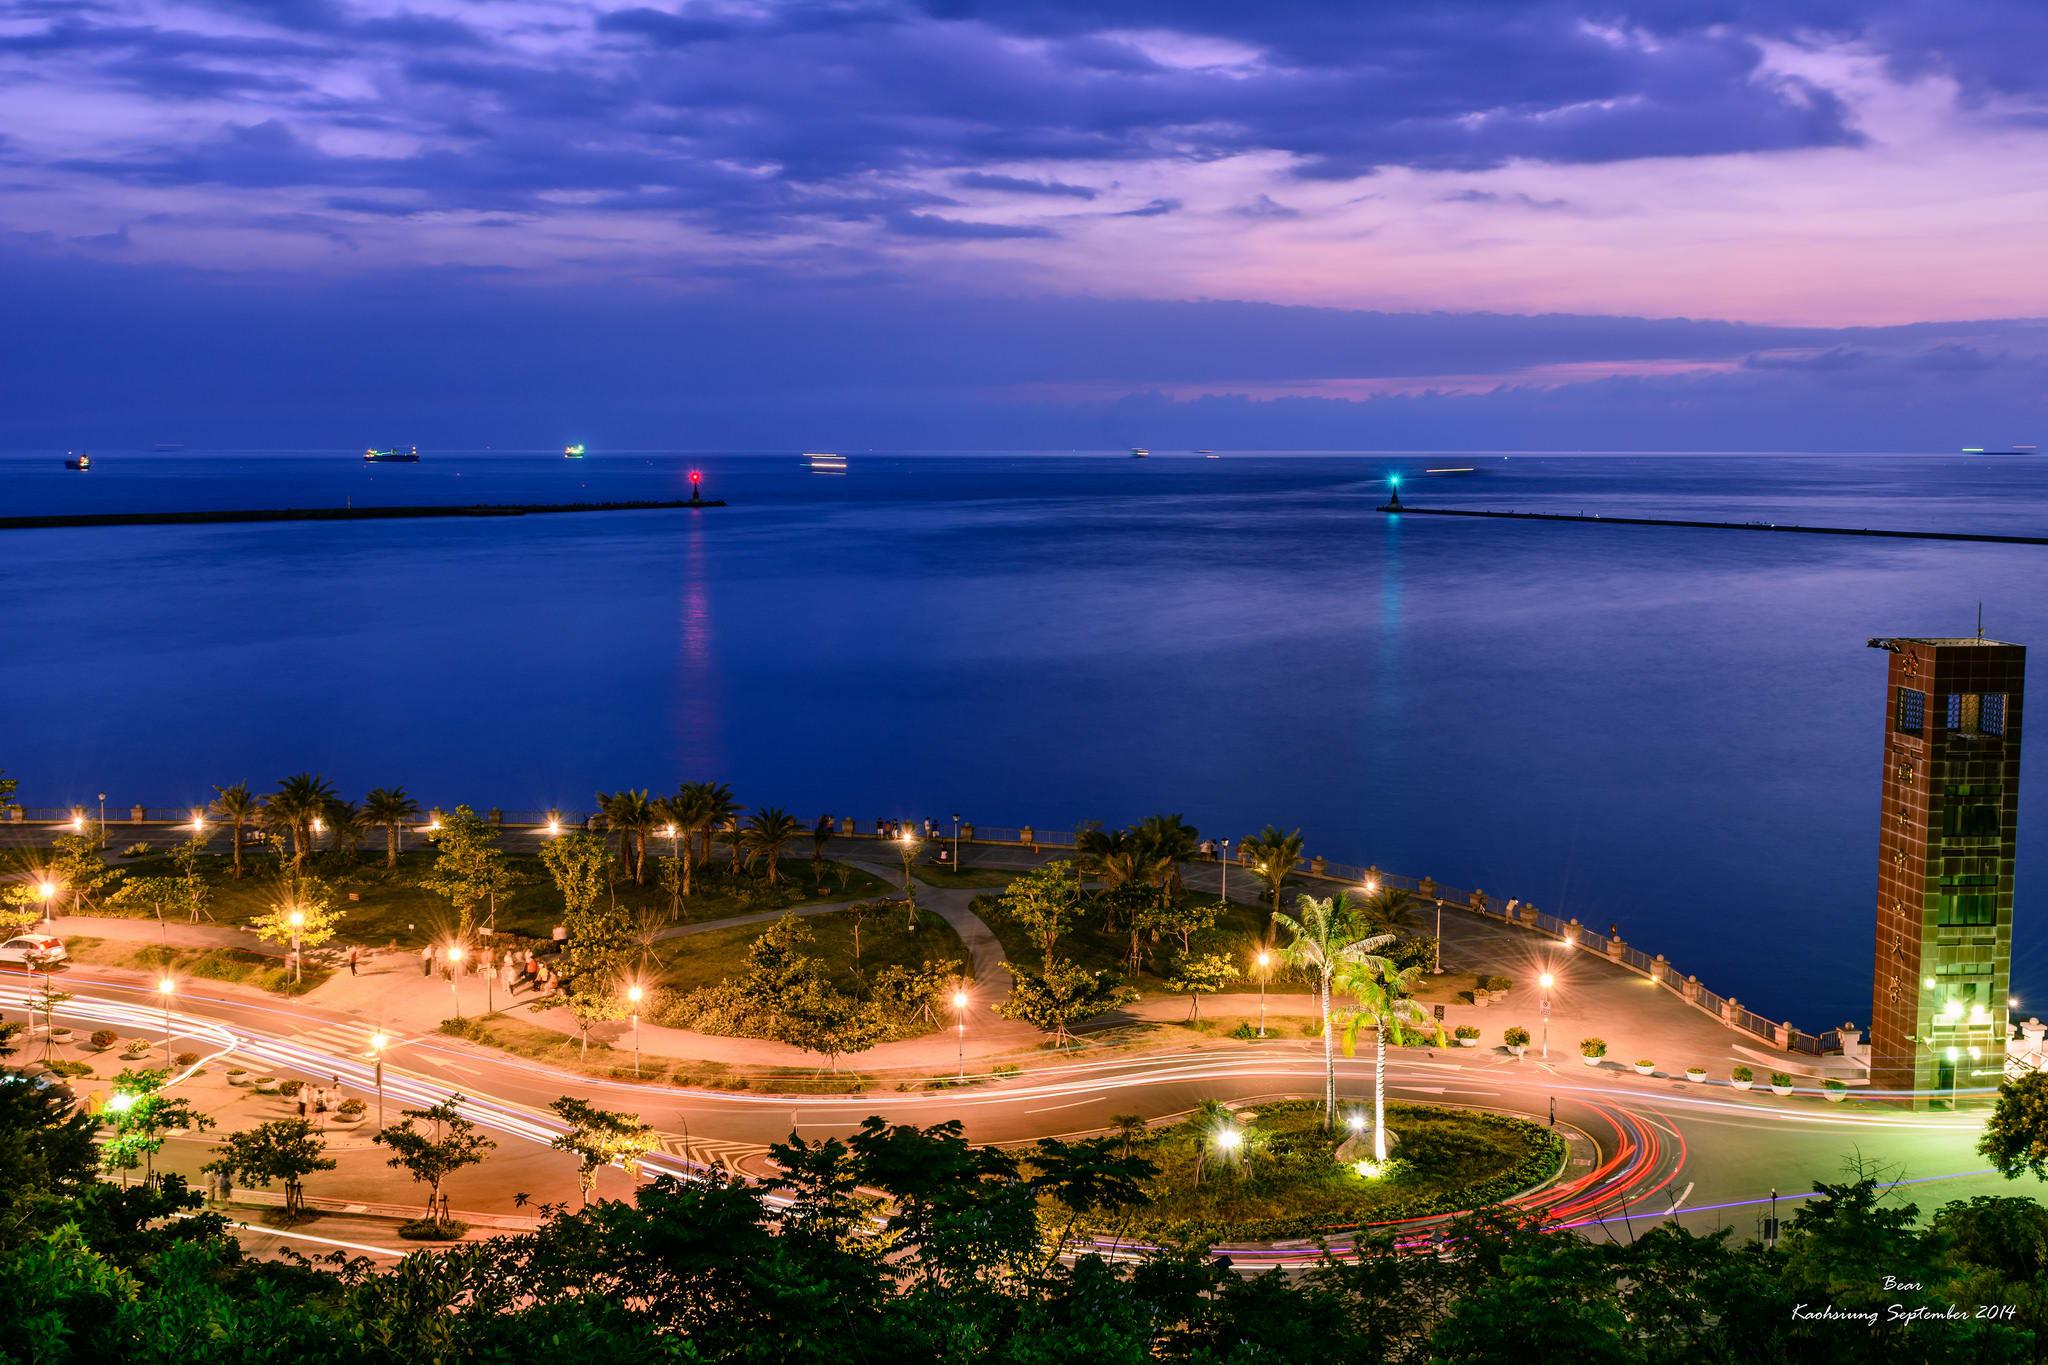 高雄西子灣夜景。圖片取自:Flickr 大雄 汪